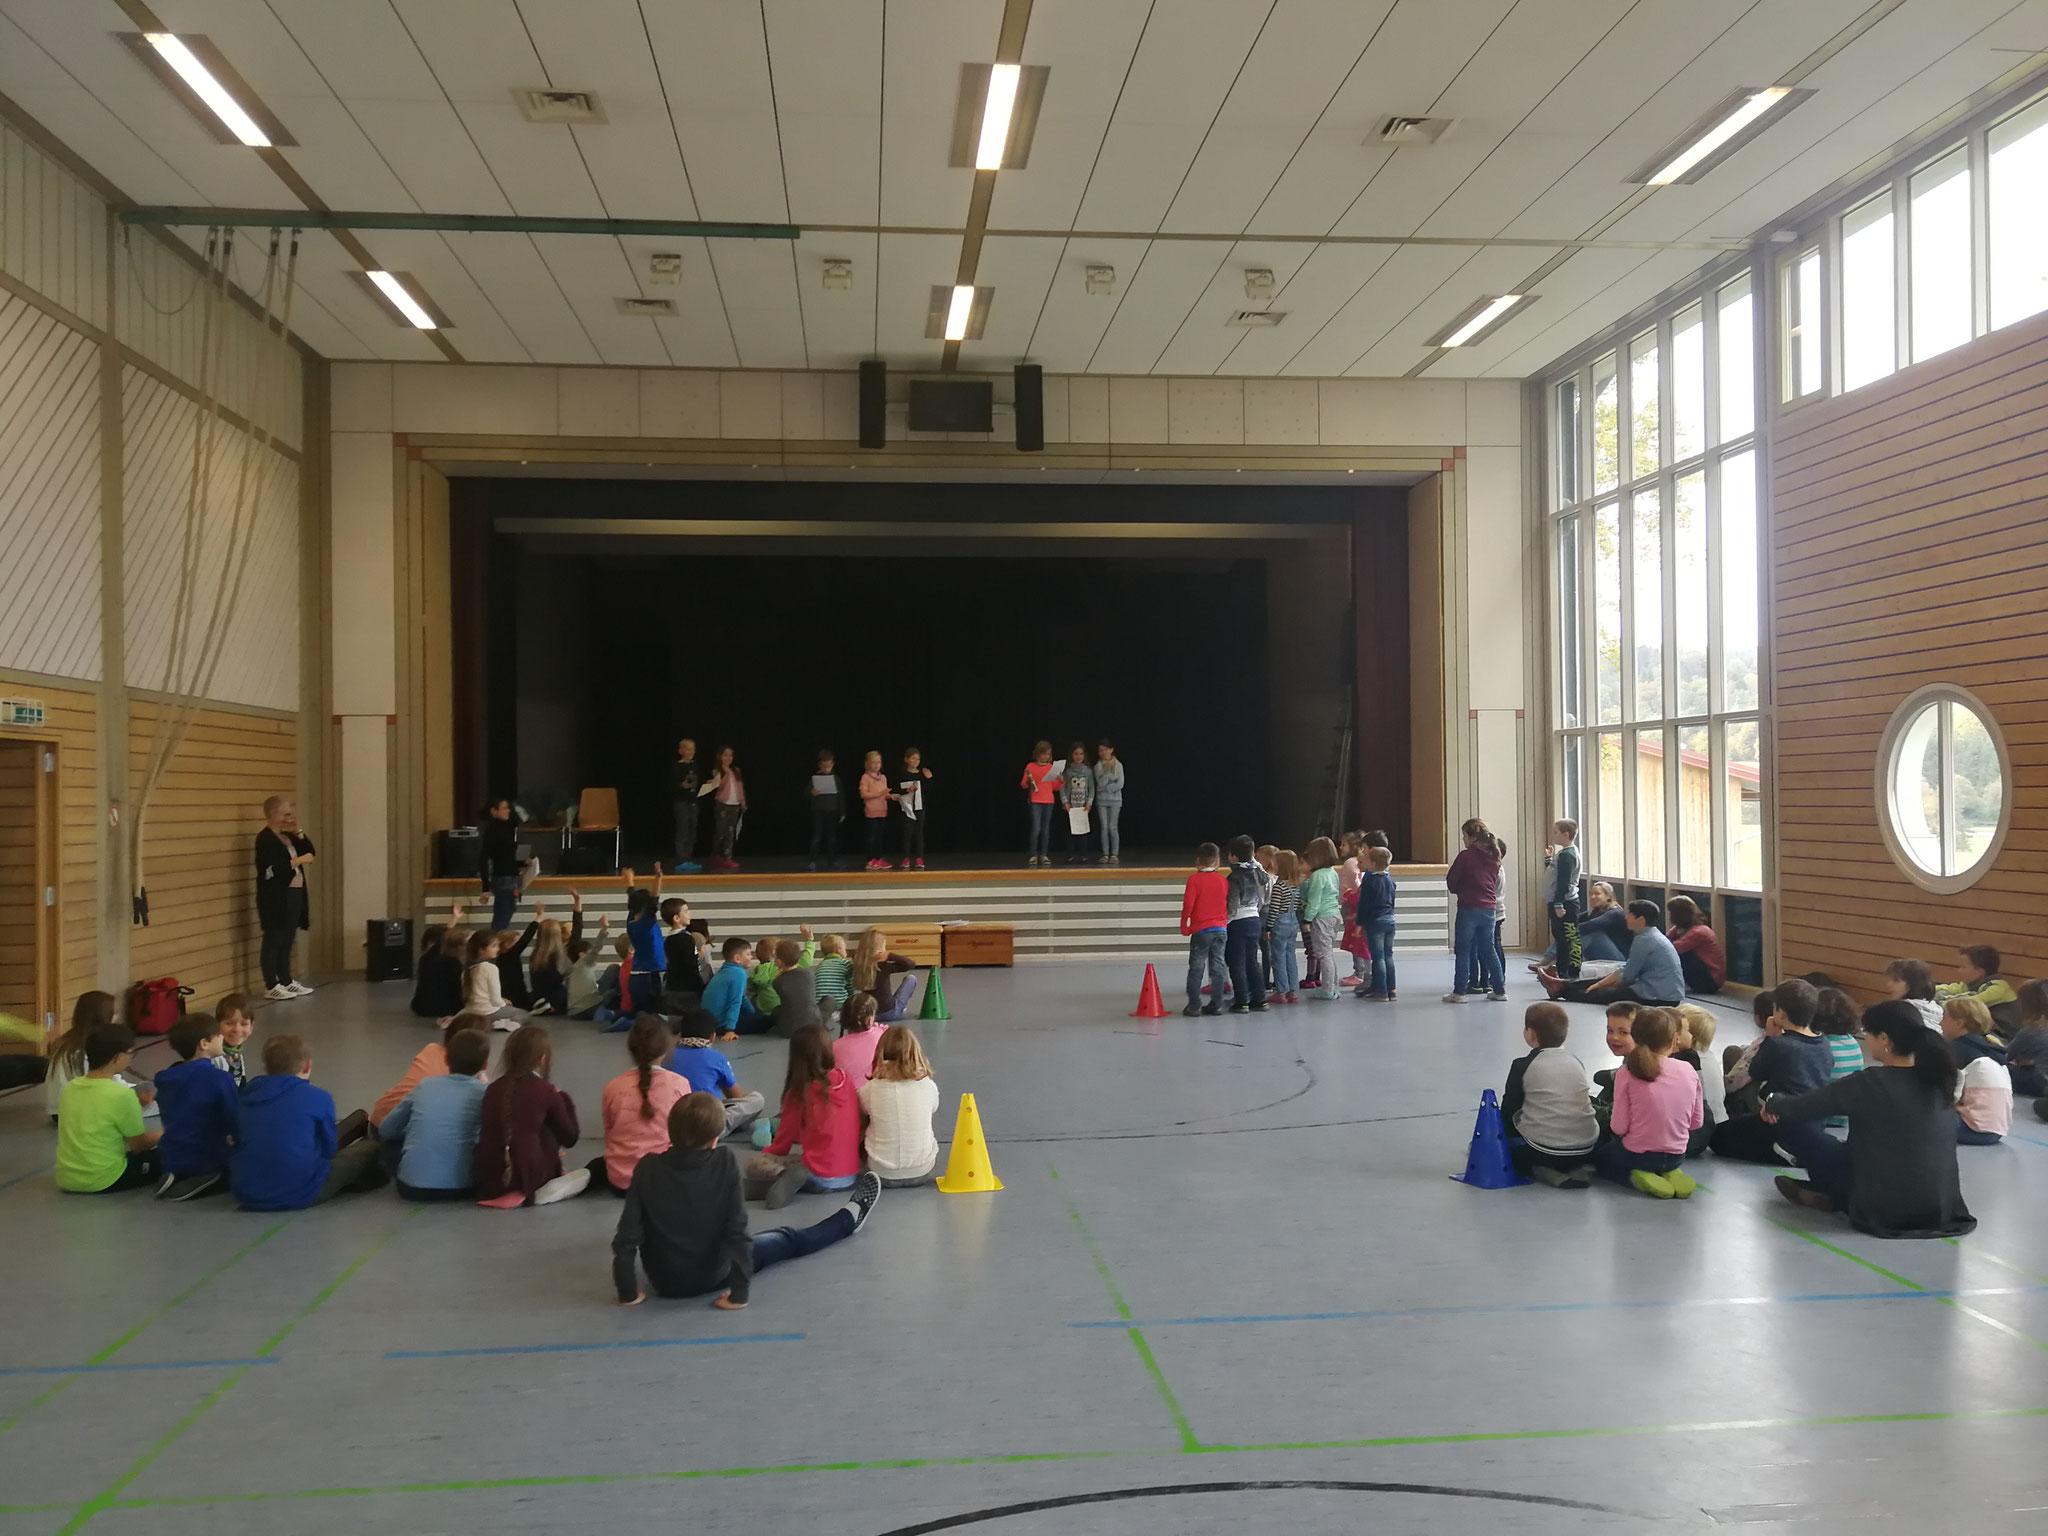 Schulversammlung in der Sporthalle